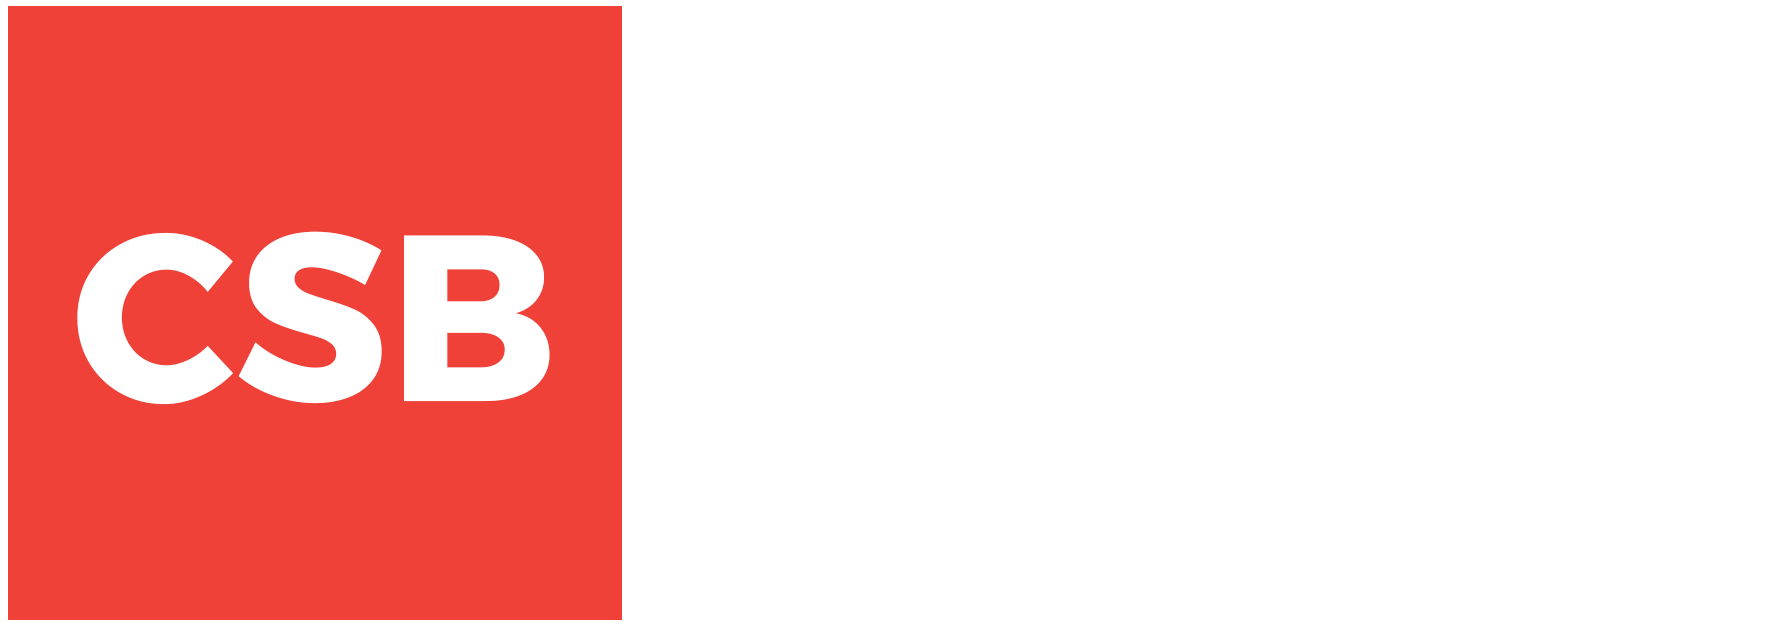 Web design Creare Site Bucuresti